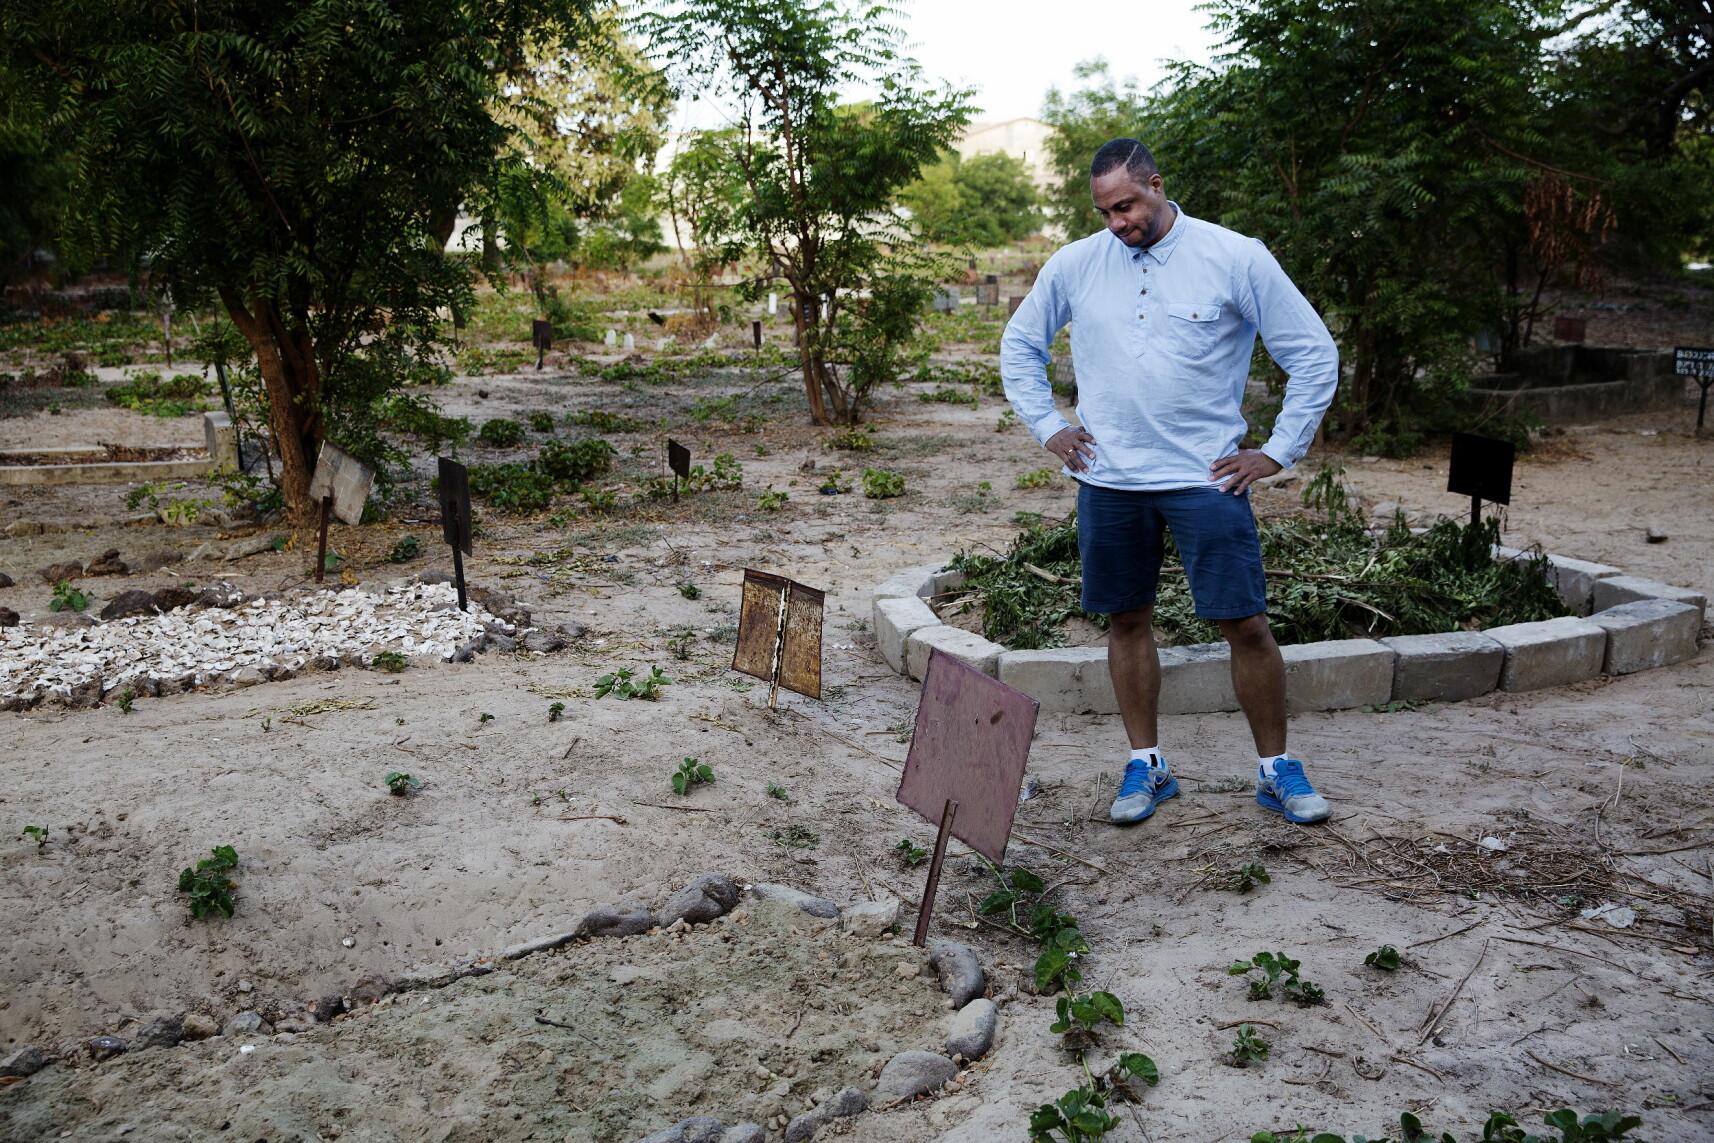 BANJUL, GAMBIA: Dave Rene Olsen er ved farens grav i Gambias hovedstad Banjul. Etter at faren Baboucar Ndure døde er det påstander om giftdrap, forsikringsbedrageri, trygdesvindel, juks med DNA-test, sharia-ekteskap via telefon og til slutt en bitter arvestrid om millionverdier. Foto: Henning Lillegård / Dagbladet.